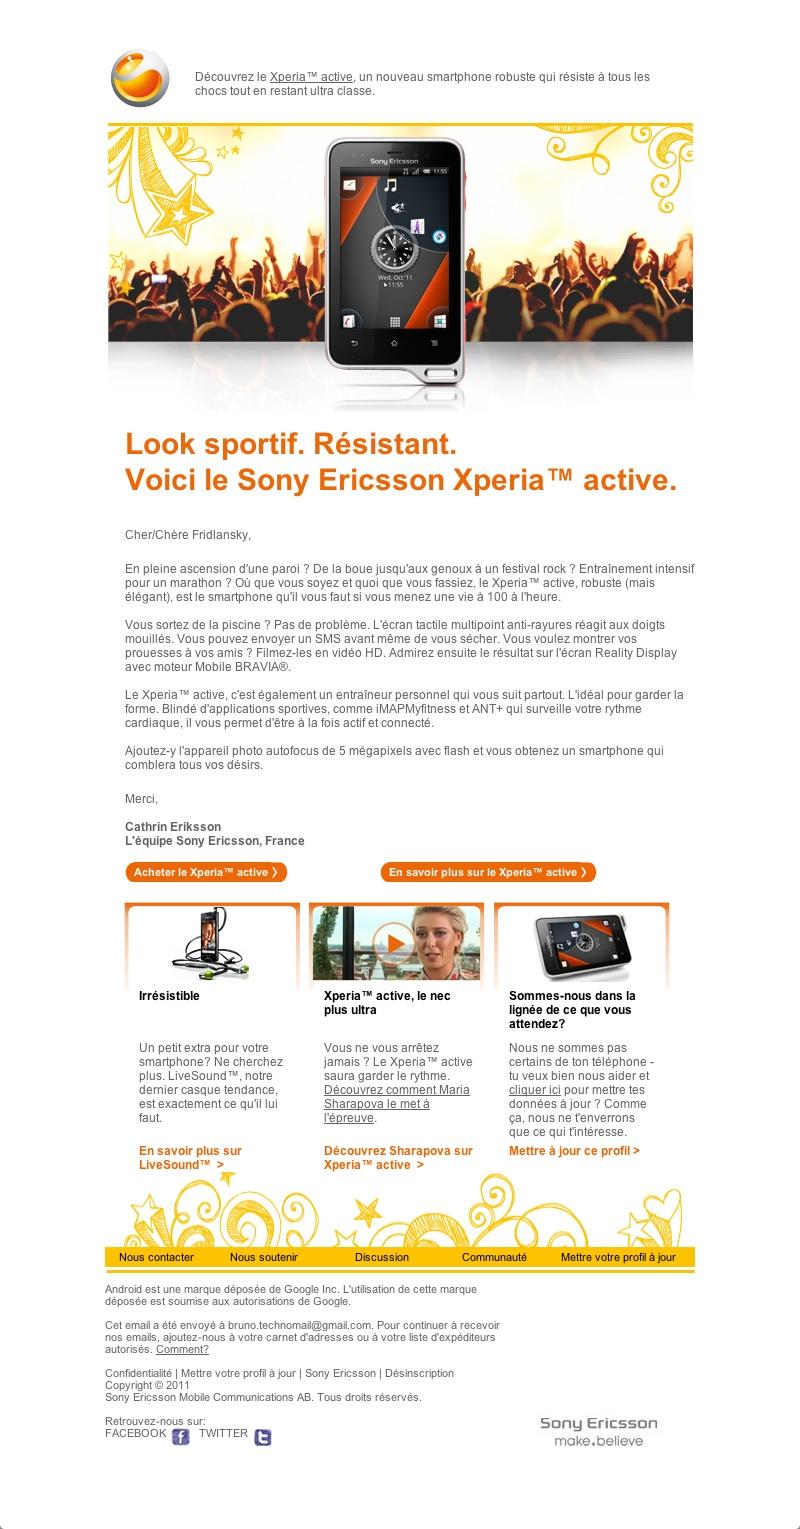 Sony Ericsson - Découvrez le Xperia active (20111026)